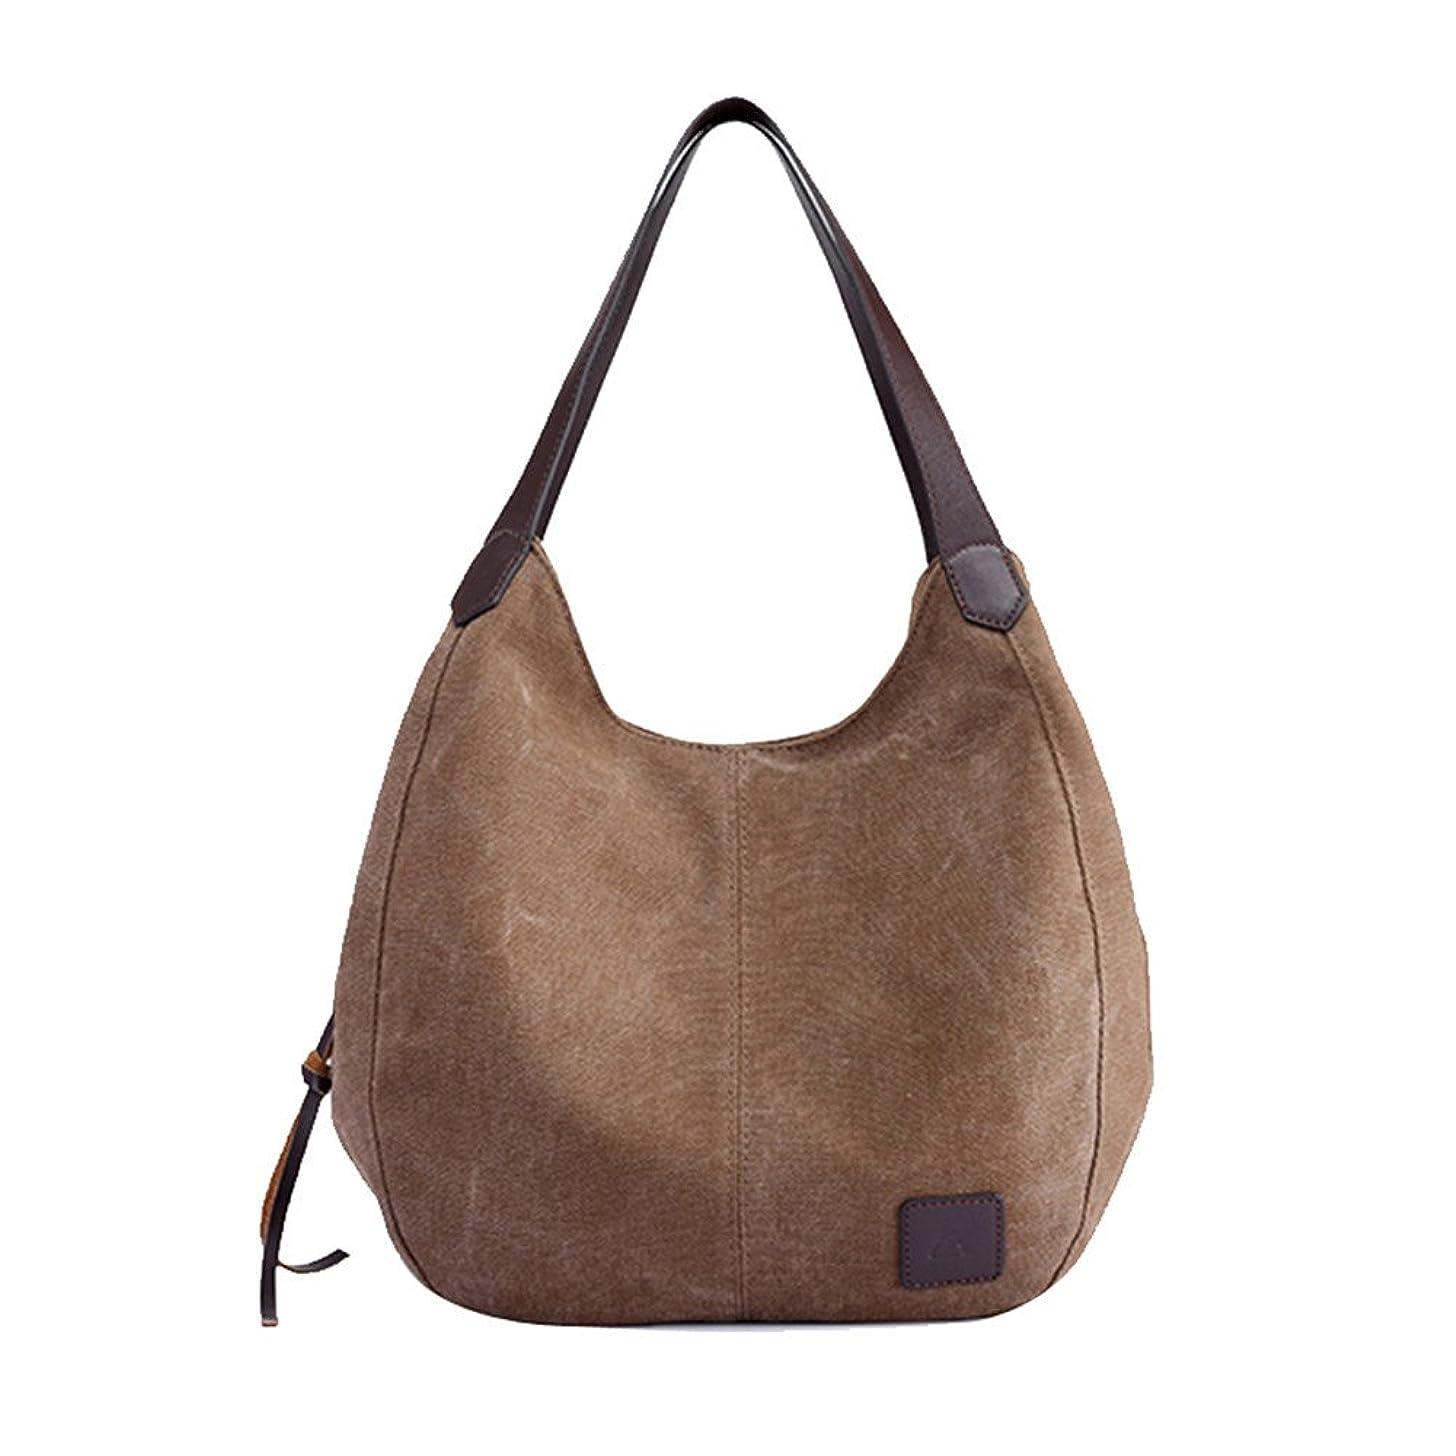 Women Shoulder Bags,Kauneus Women Canvas Handbags Vintage Female Single Shoulder Bags 2018(30cm(L) 13cm(W) 28cm(H))